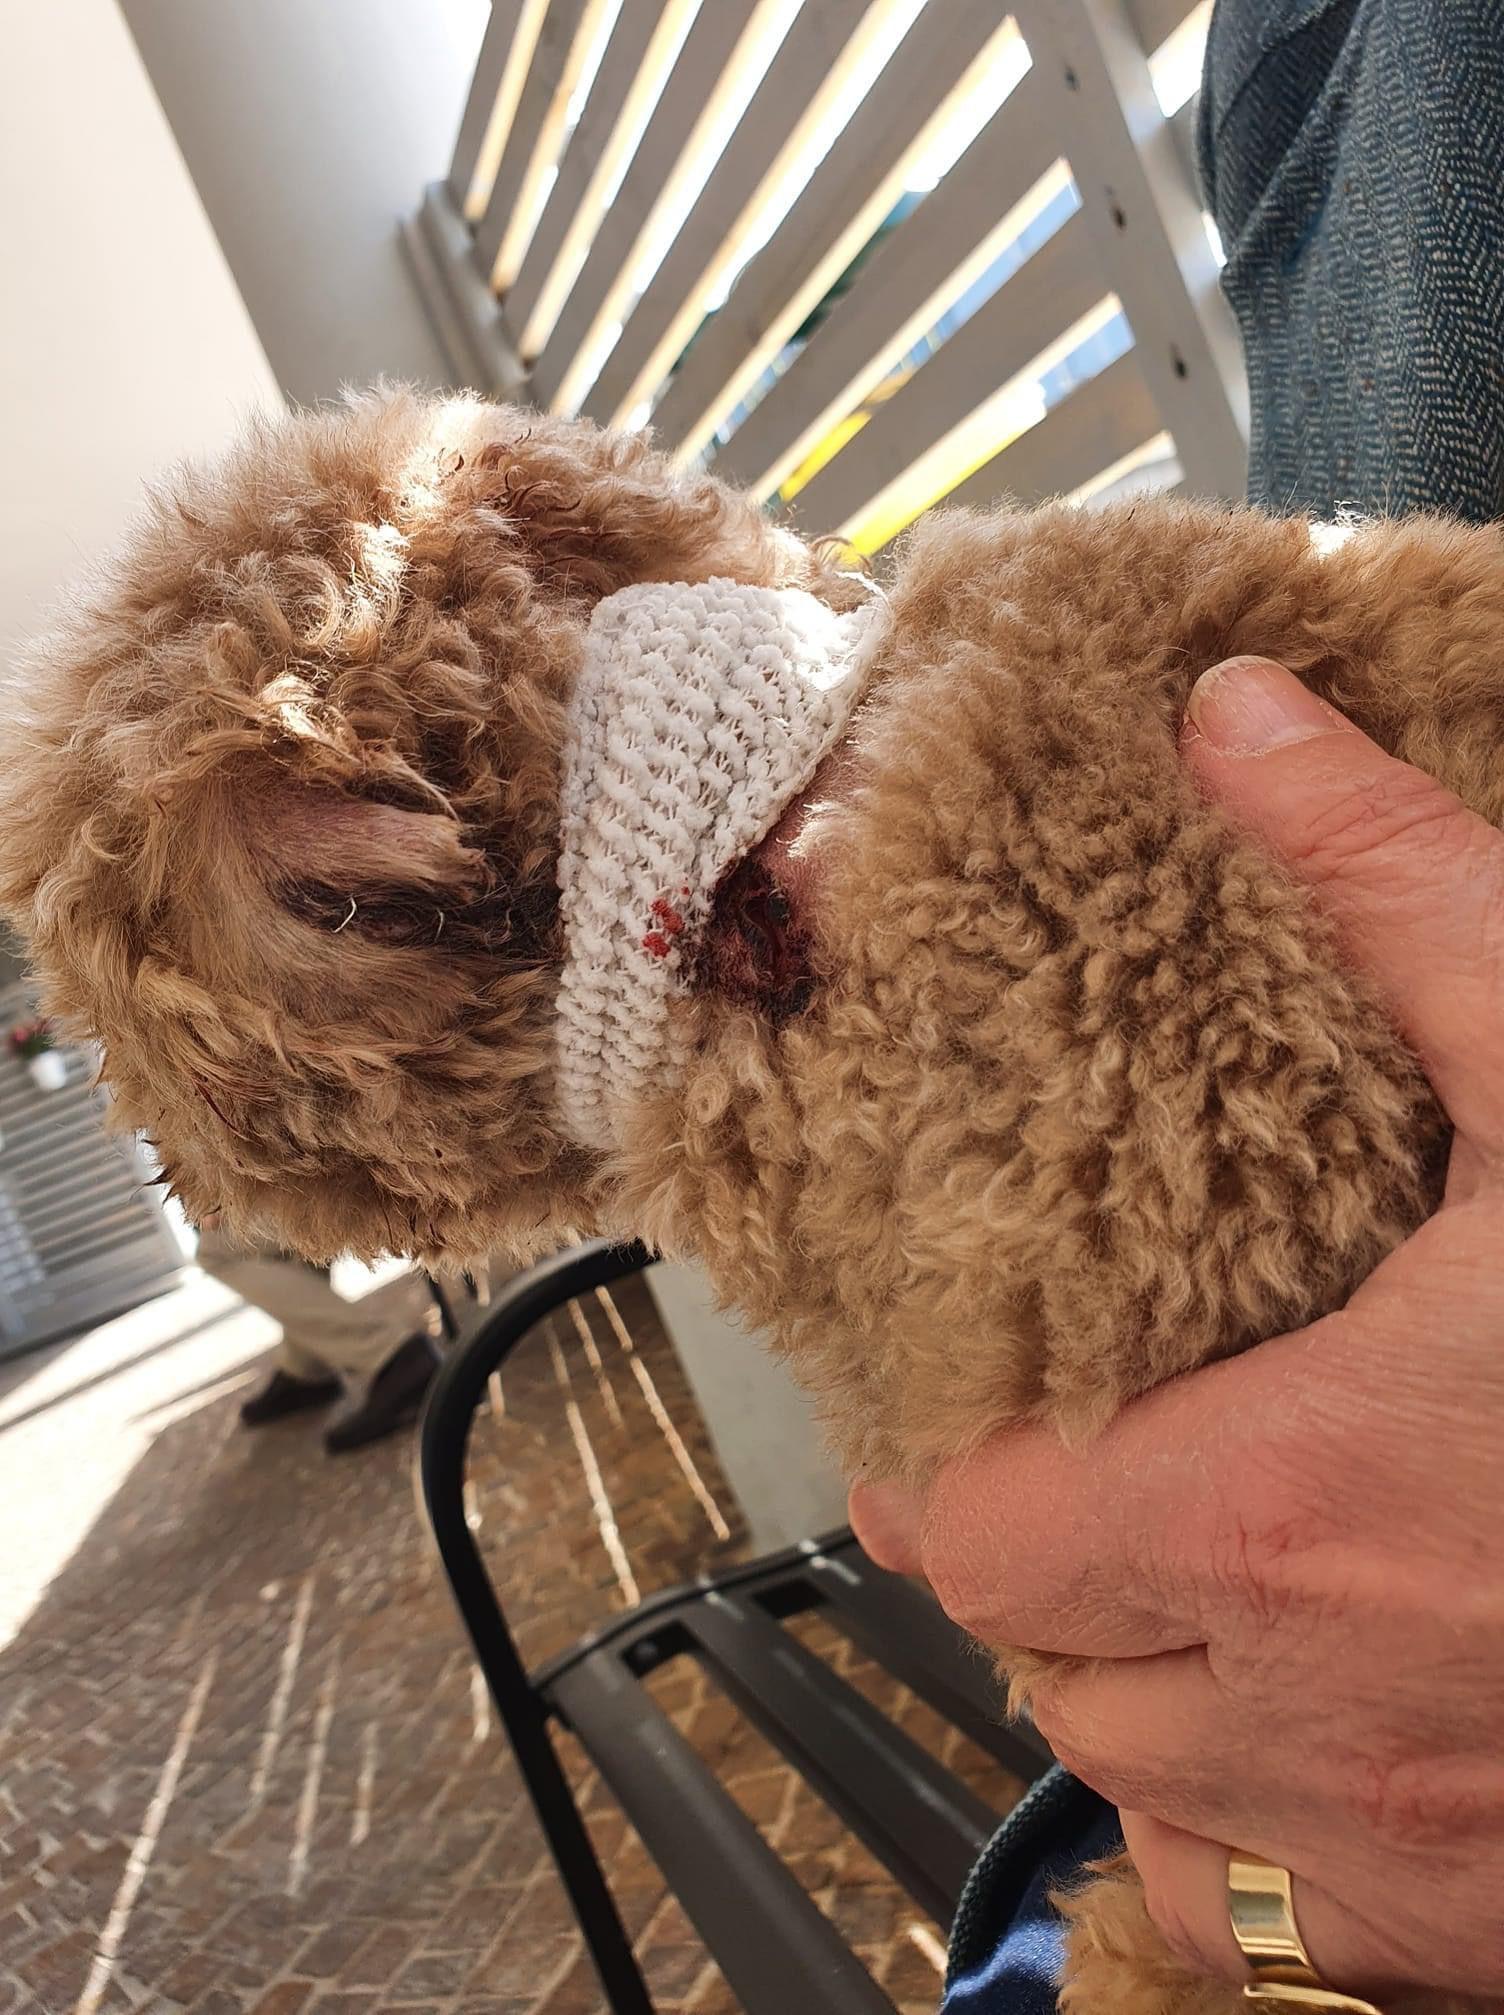 Roma, cane aggredisce un cucciolo nell'area cani ma il padrone resta a telefono: cercasi testimoni